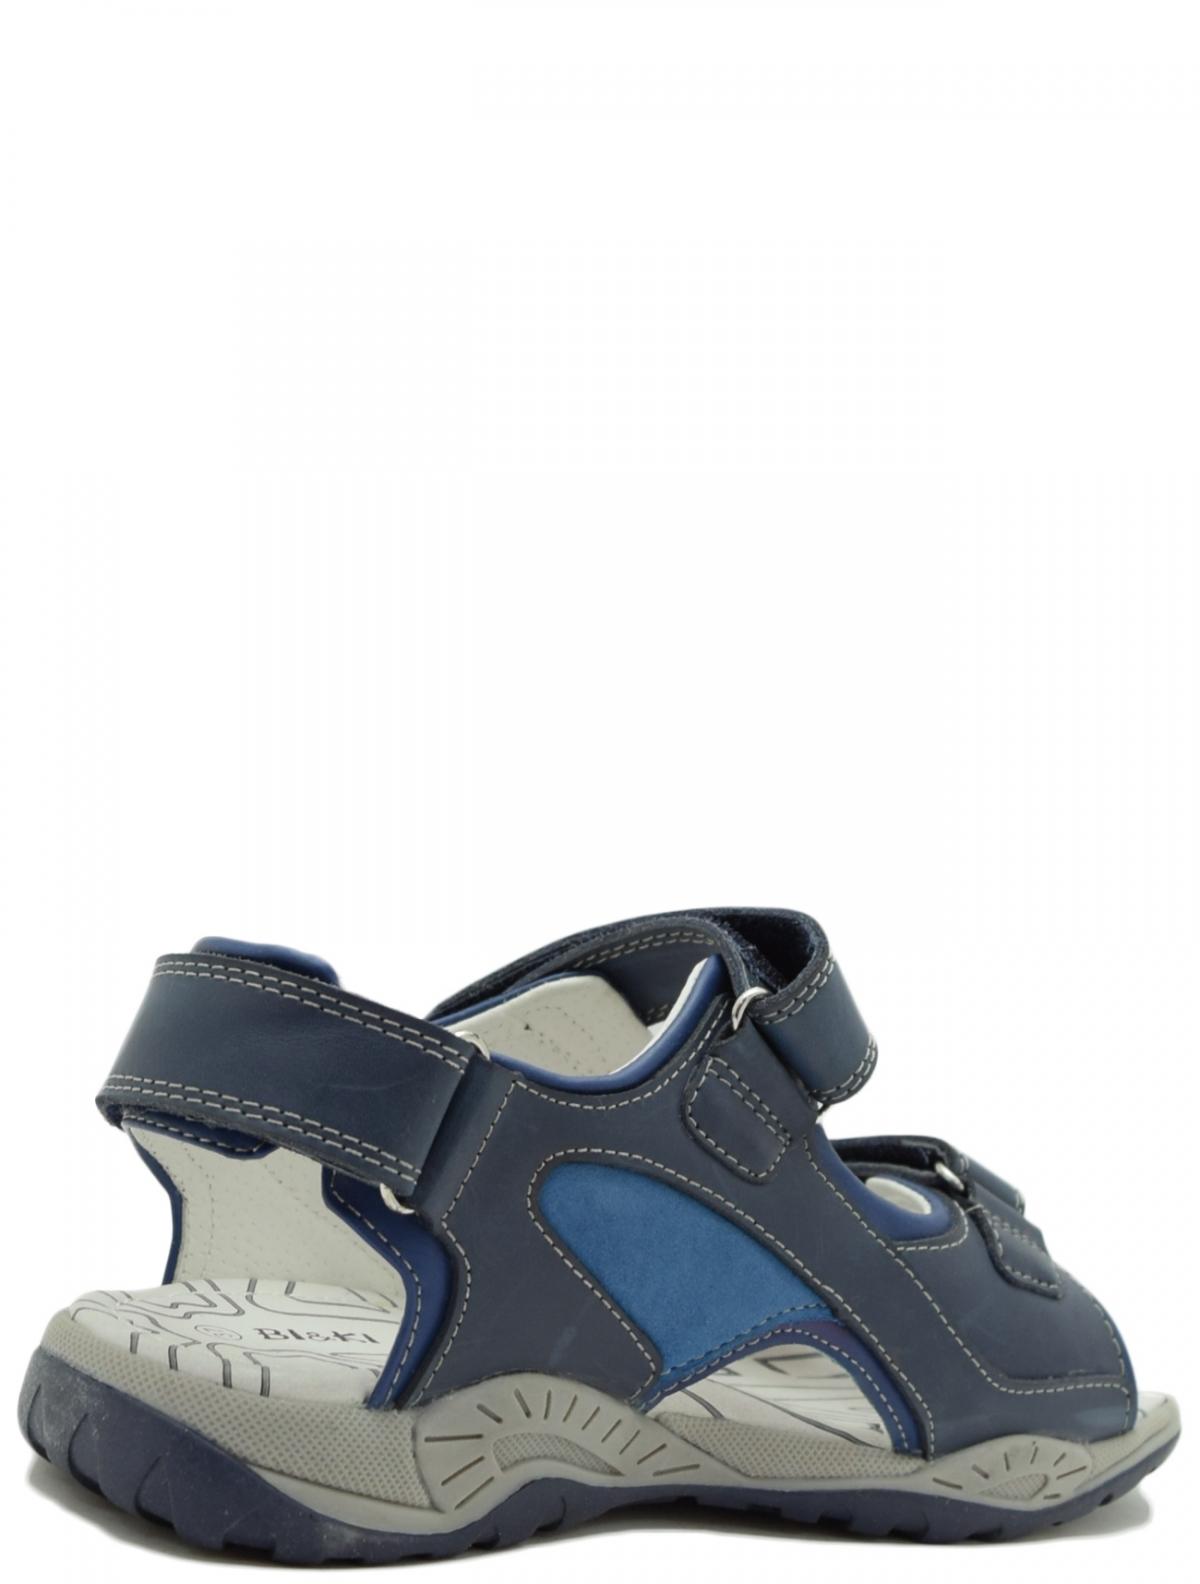 A-B04-62-C сандали для мальчика